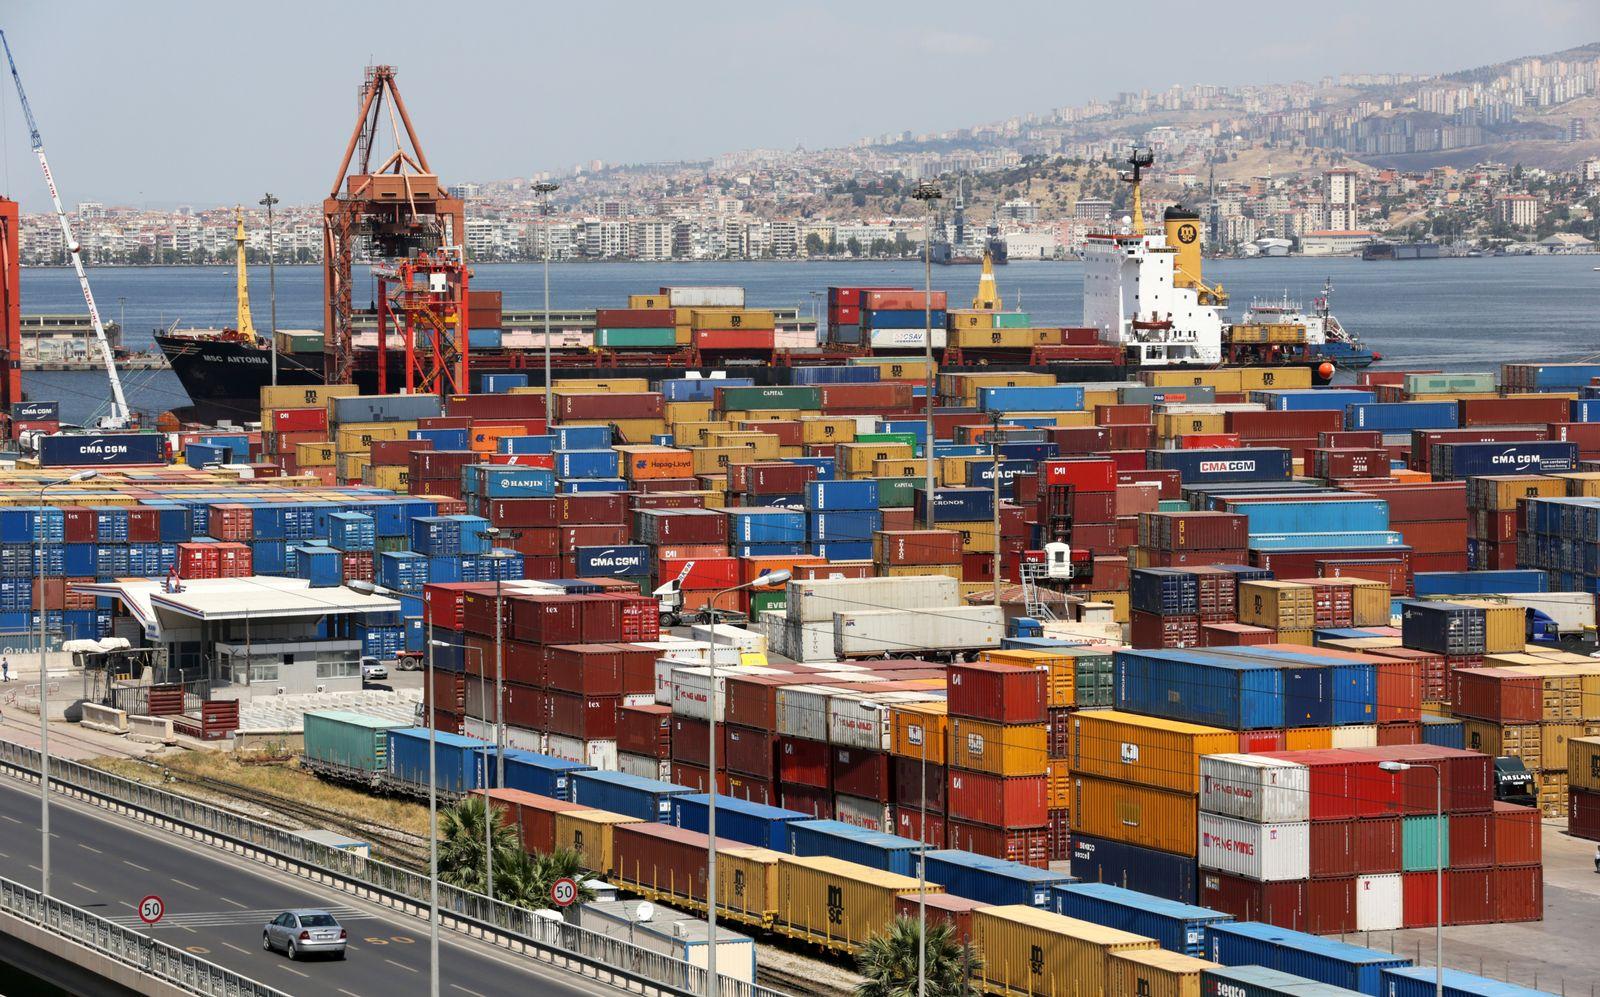 Türkei / Konjunktur / Export / Container im Hafen von Izmir / Zollunion